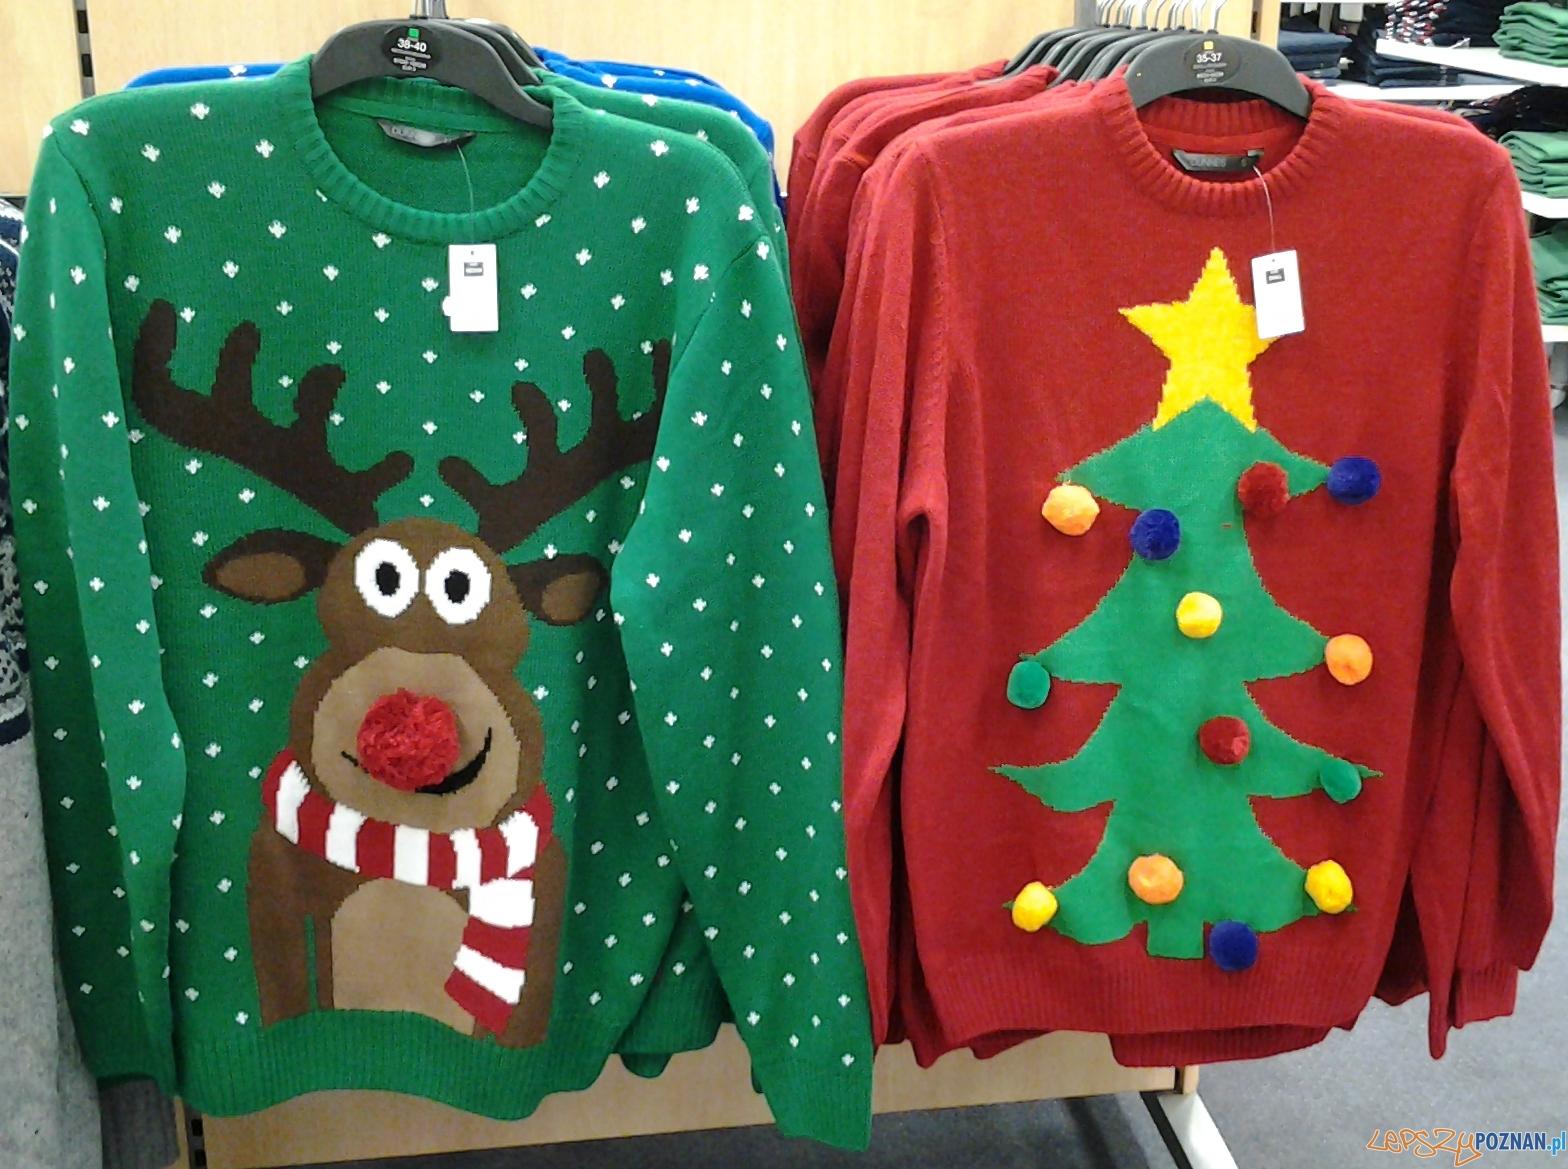 sweter z reniferem  Foto: lepszyPOZNAN.pl / tab